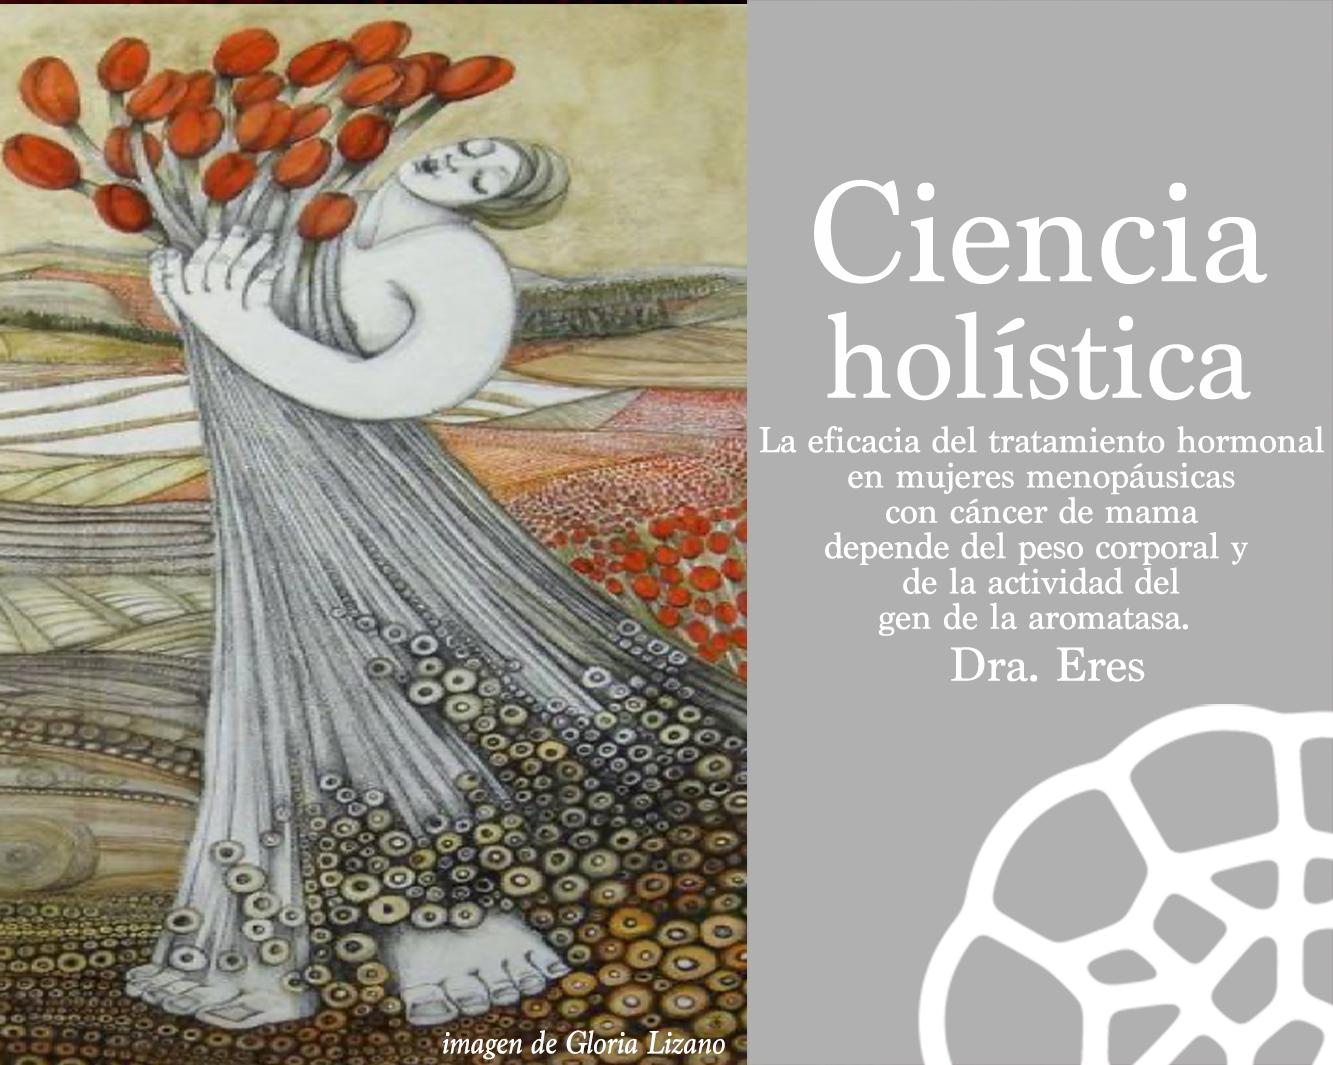 La eficacia del tratamiento hormonal en mujeres menopáusicas con cáncer de mama depende del peso corporal y  de la actividad del gen de la aromatasa.